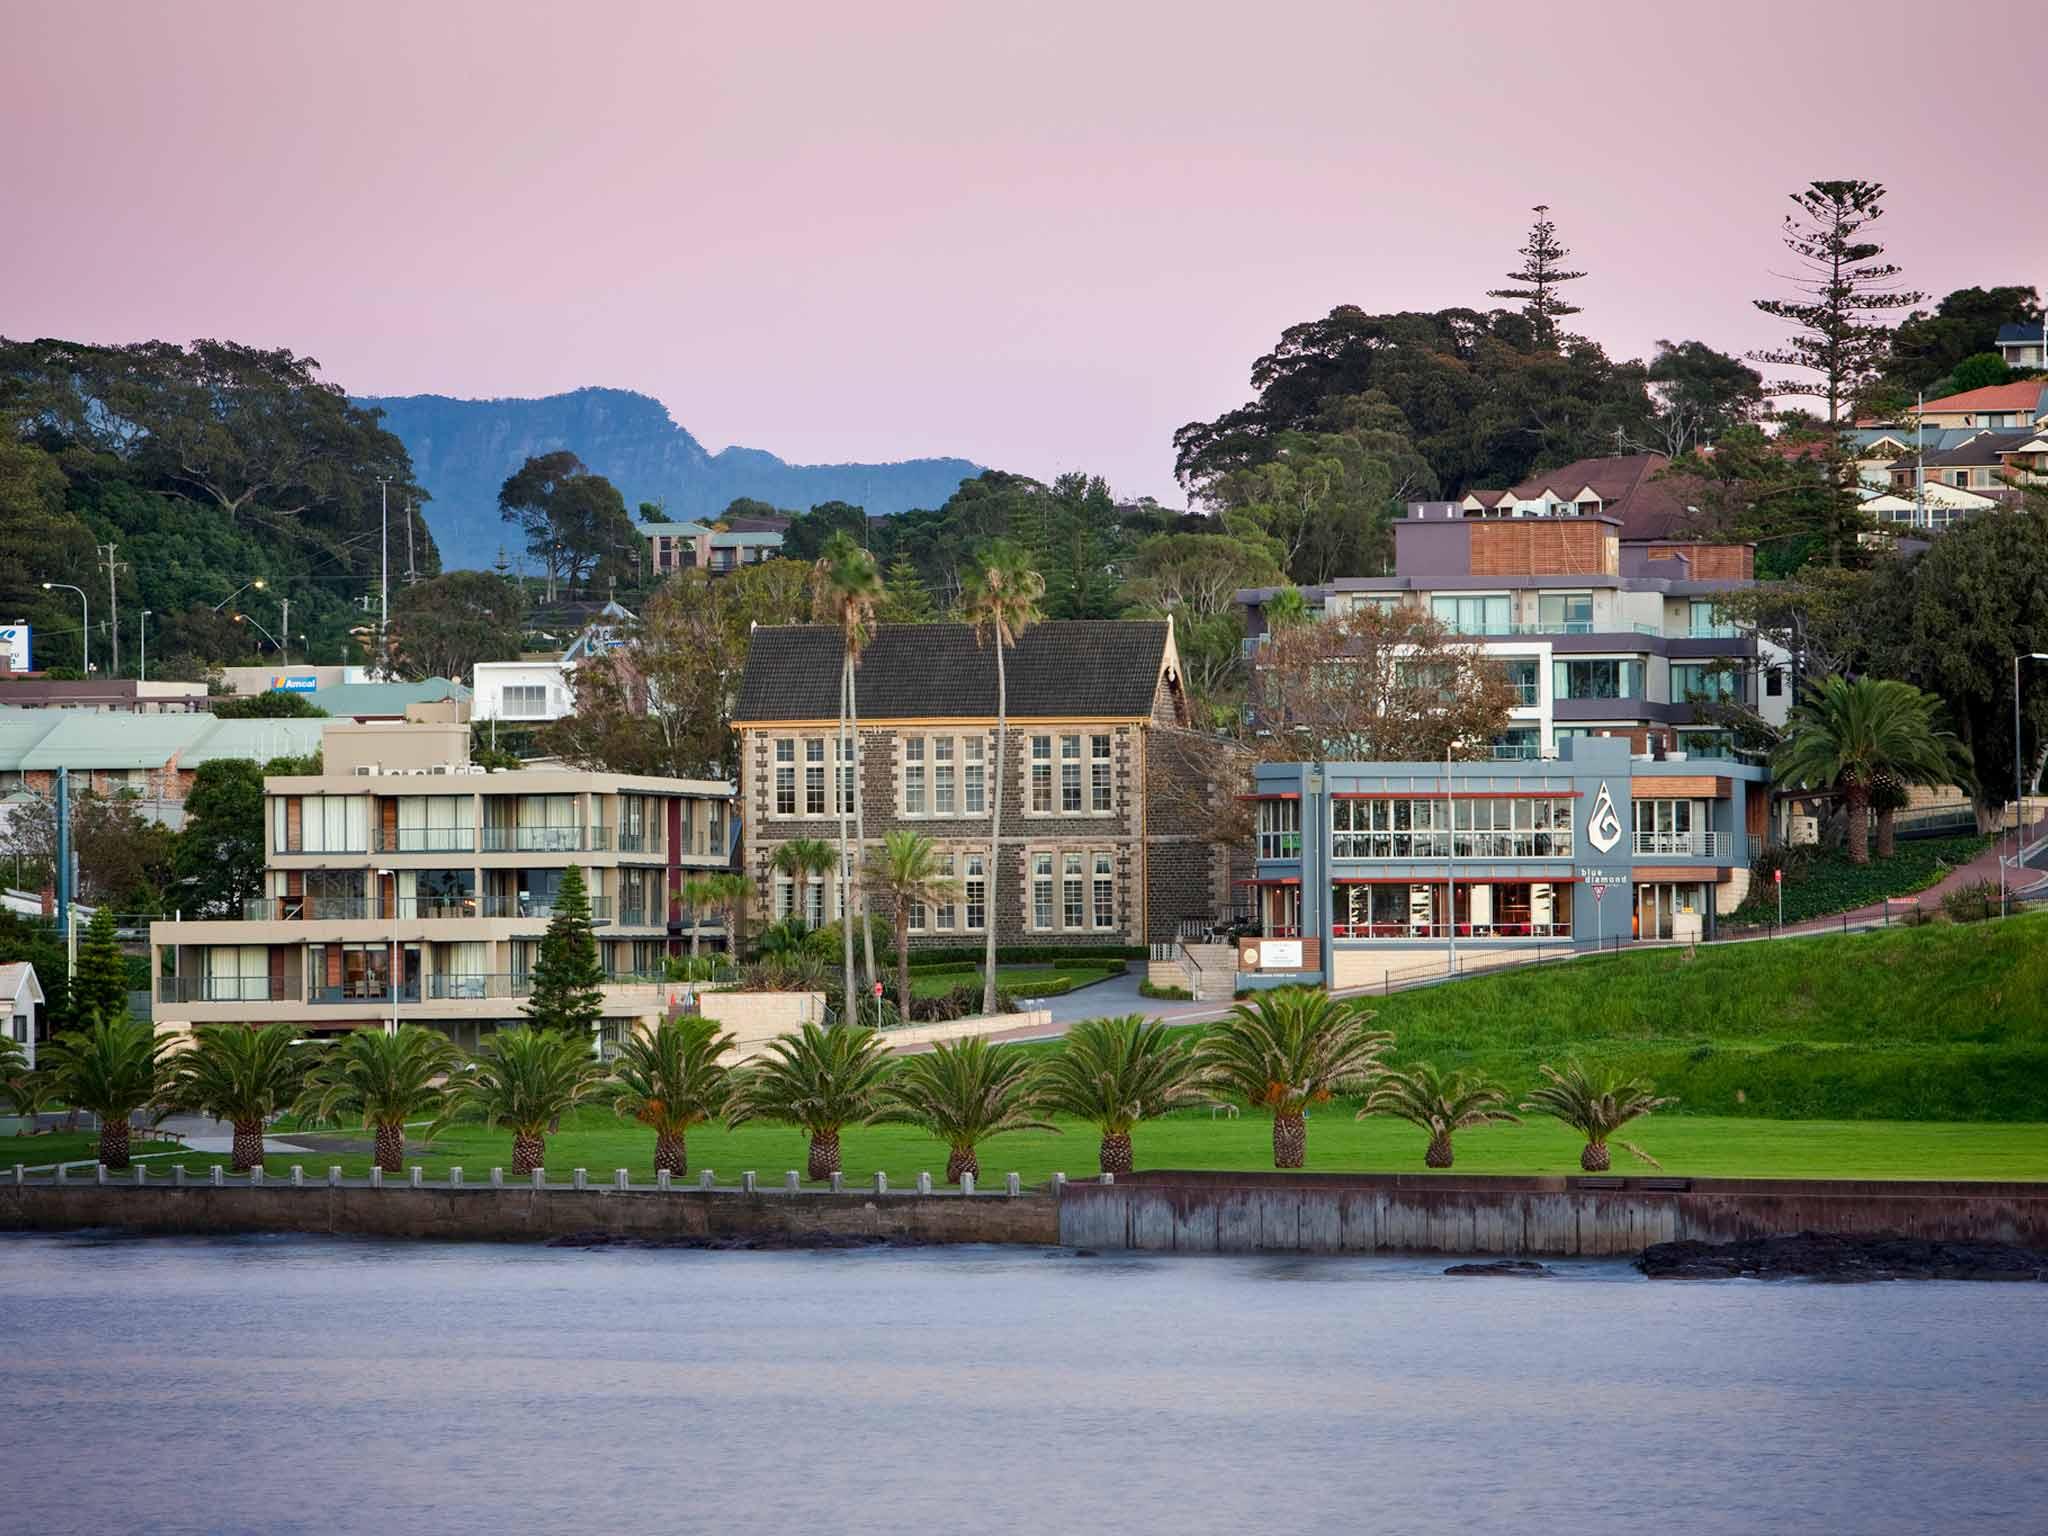 ホテル – The Sebel Kiama Harbourside